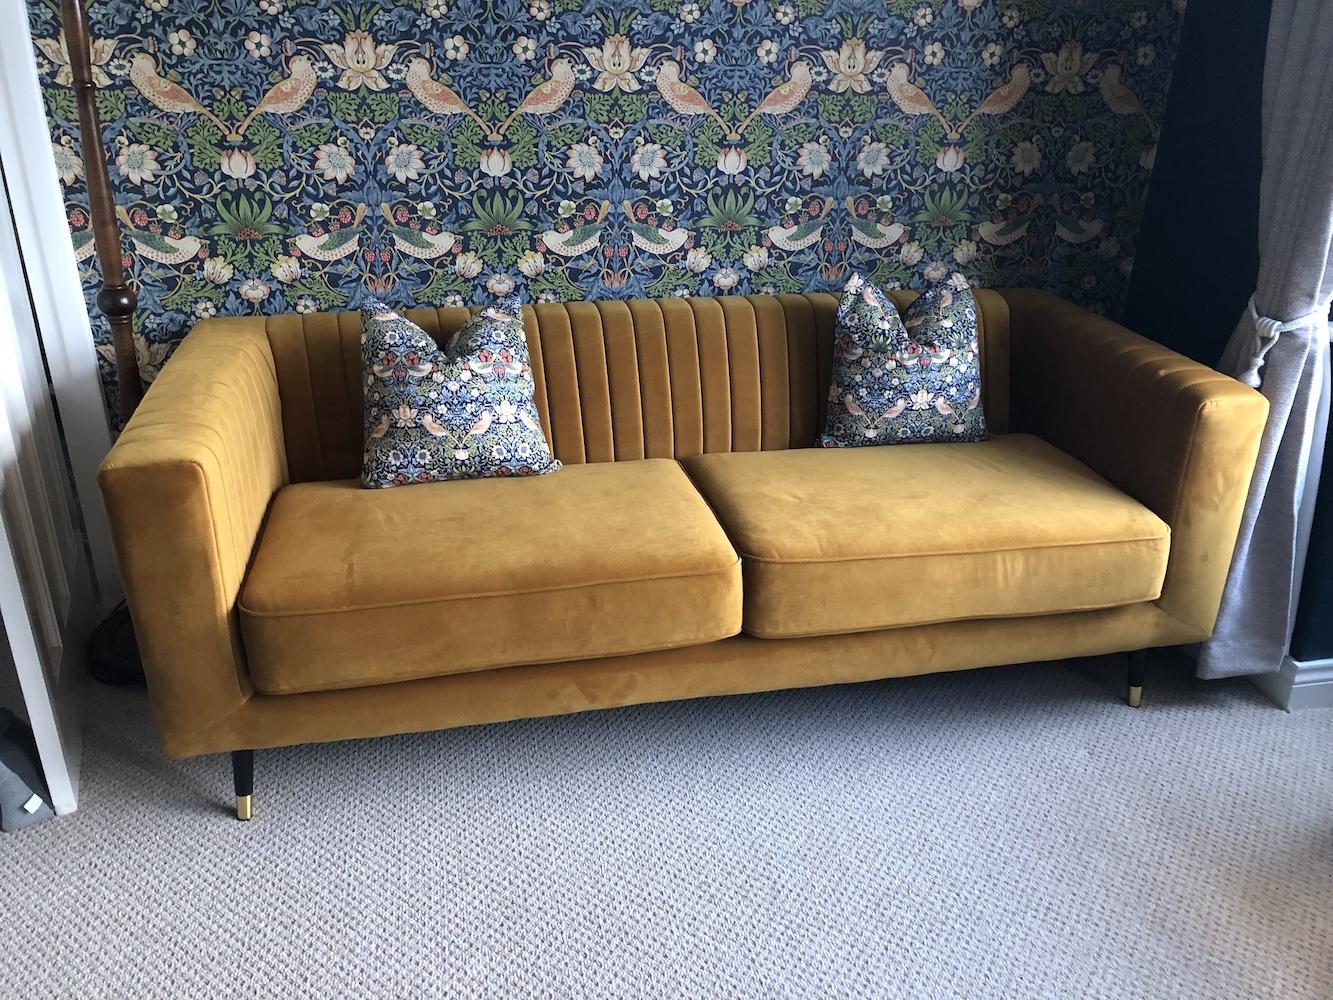 Musztardowa sofa Slender z przeszyciami na oparciu